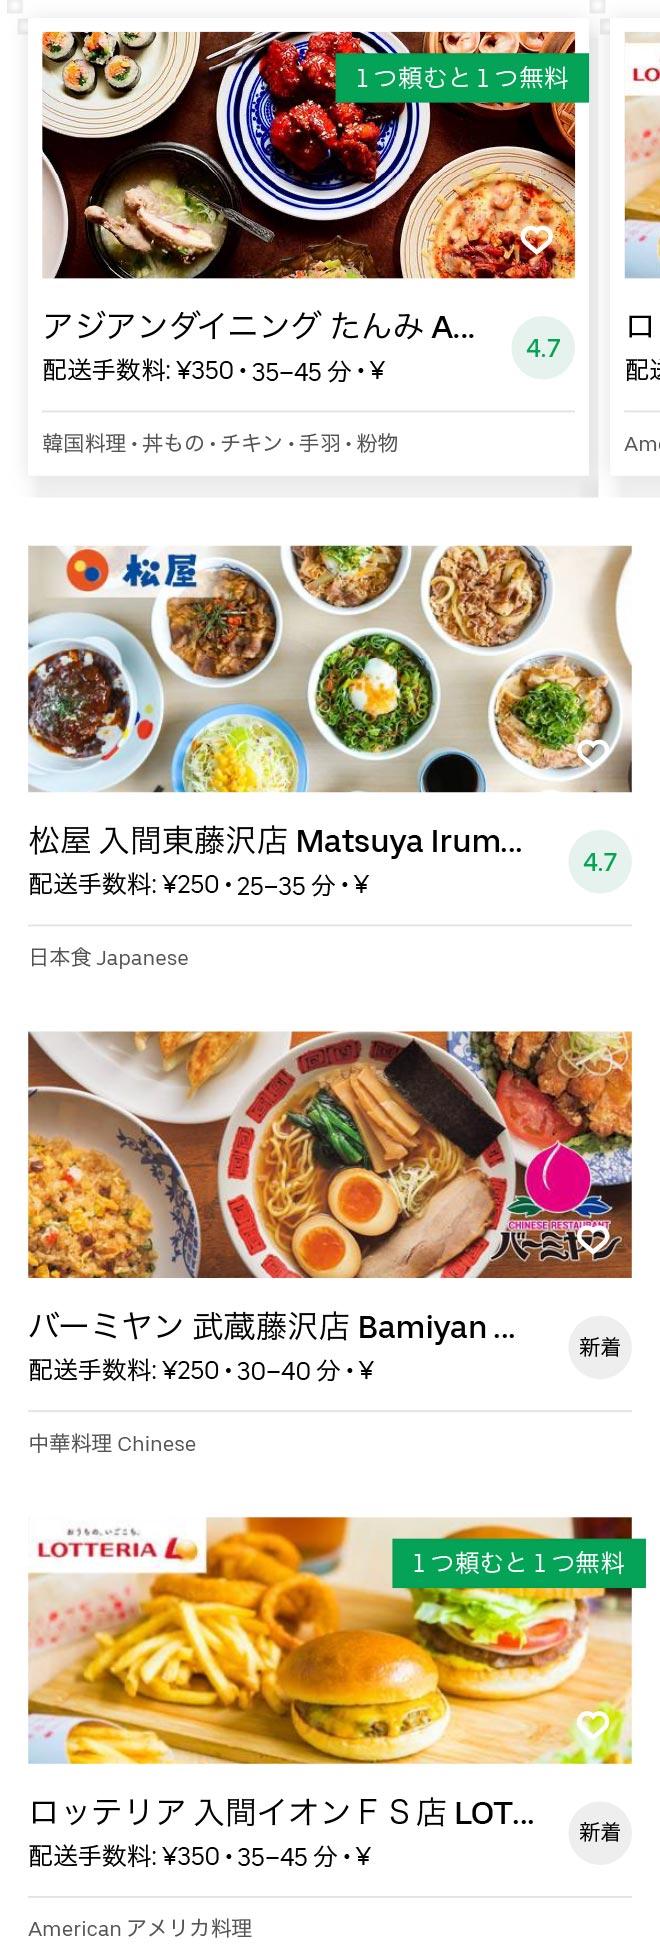 Iriso menu 2010 04